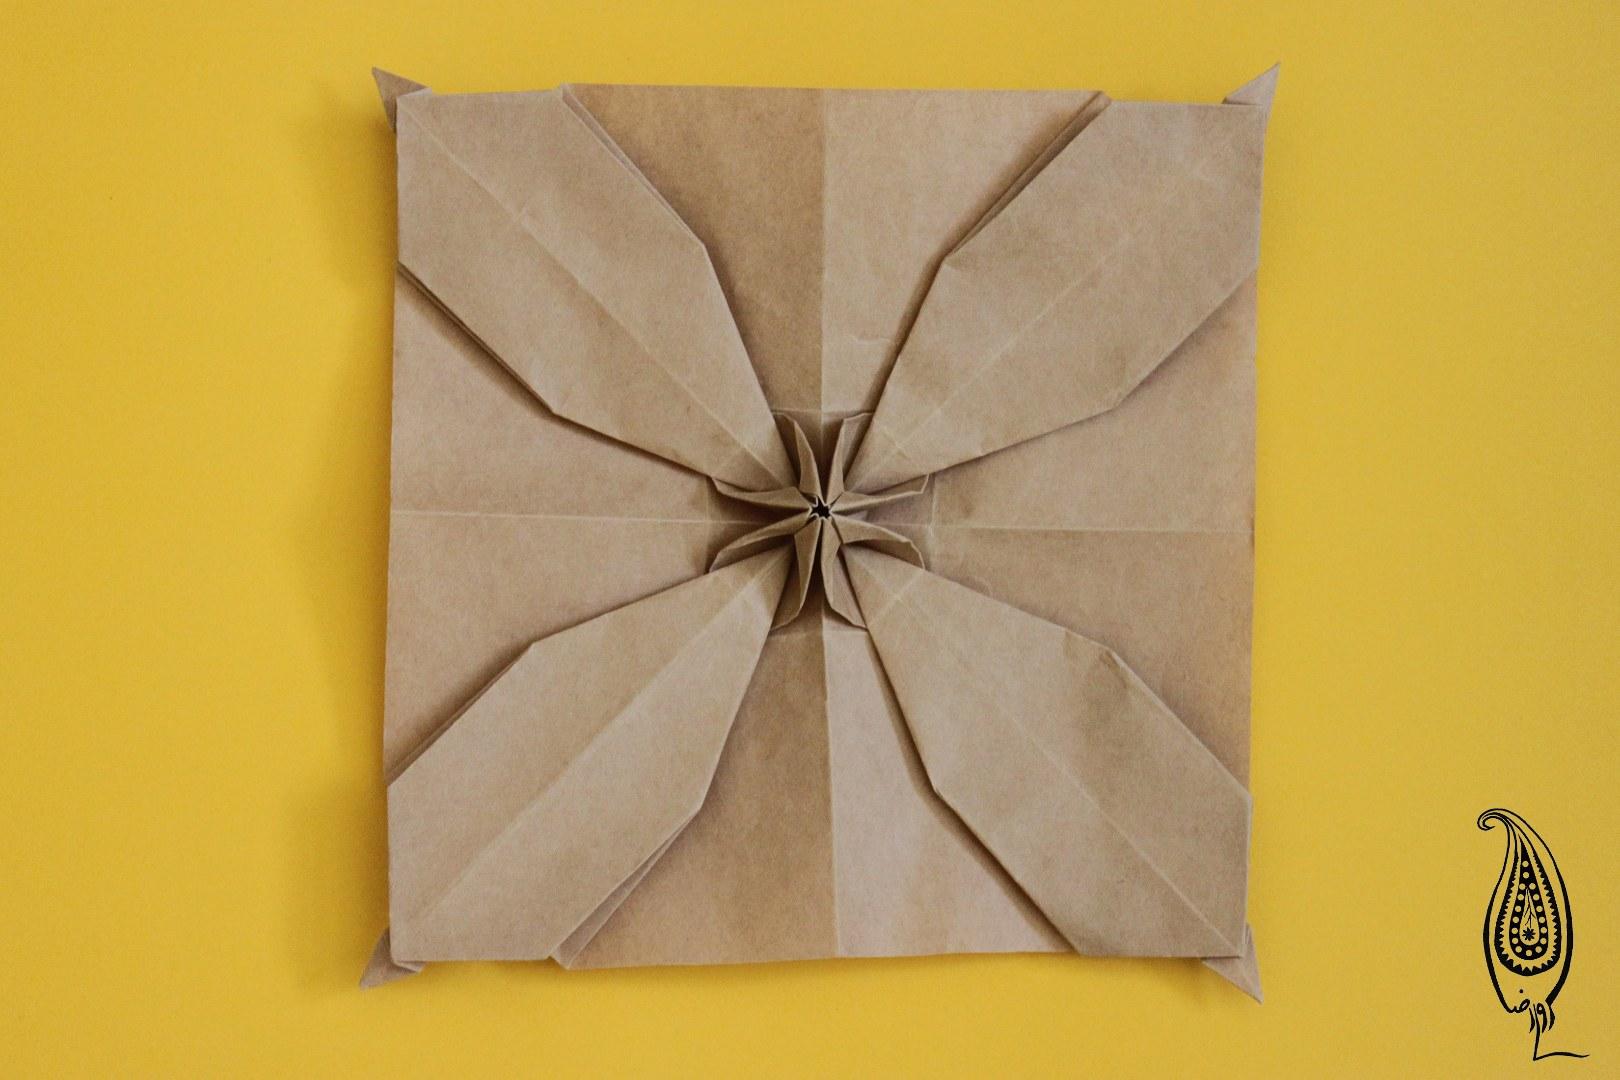 اوریگامی درفش کاویانی